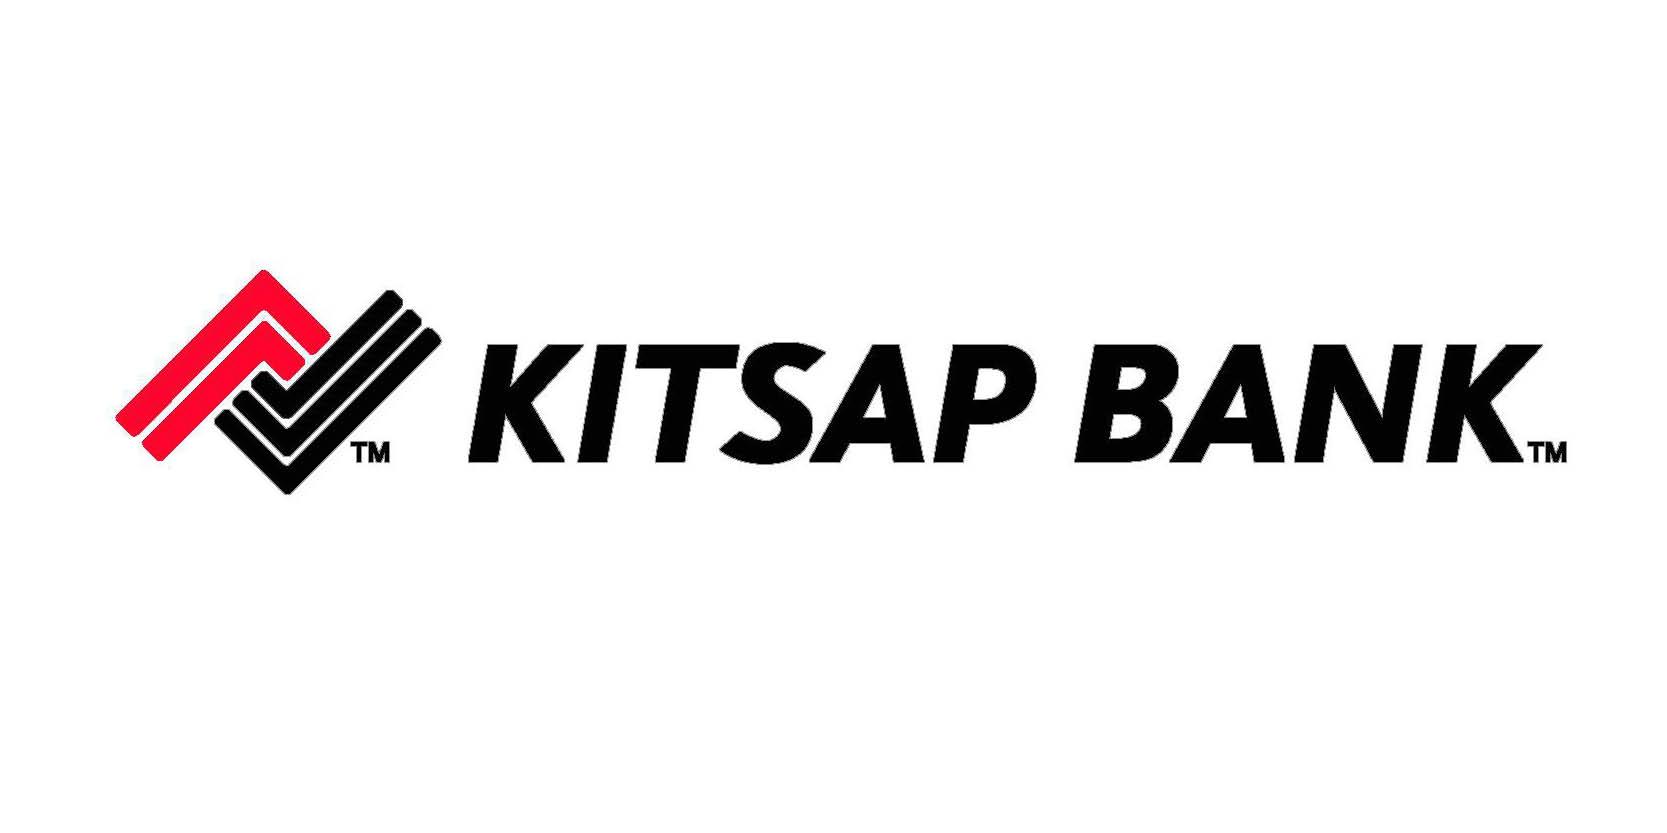 kitsap-bank.jpg